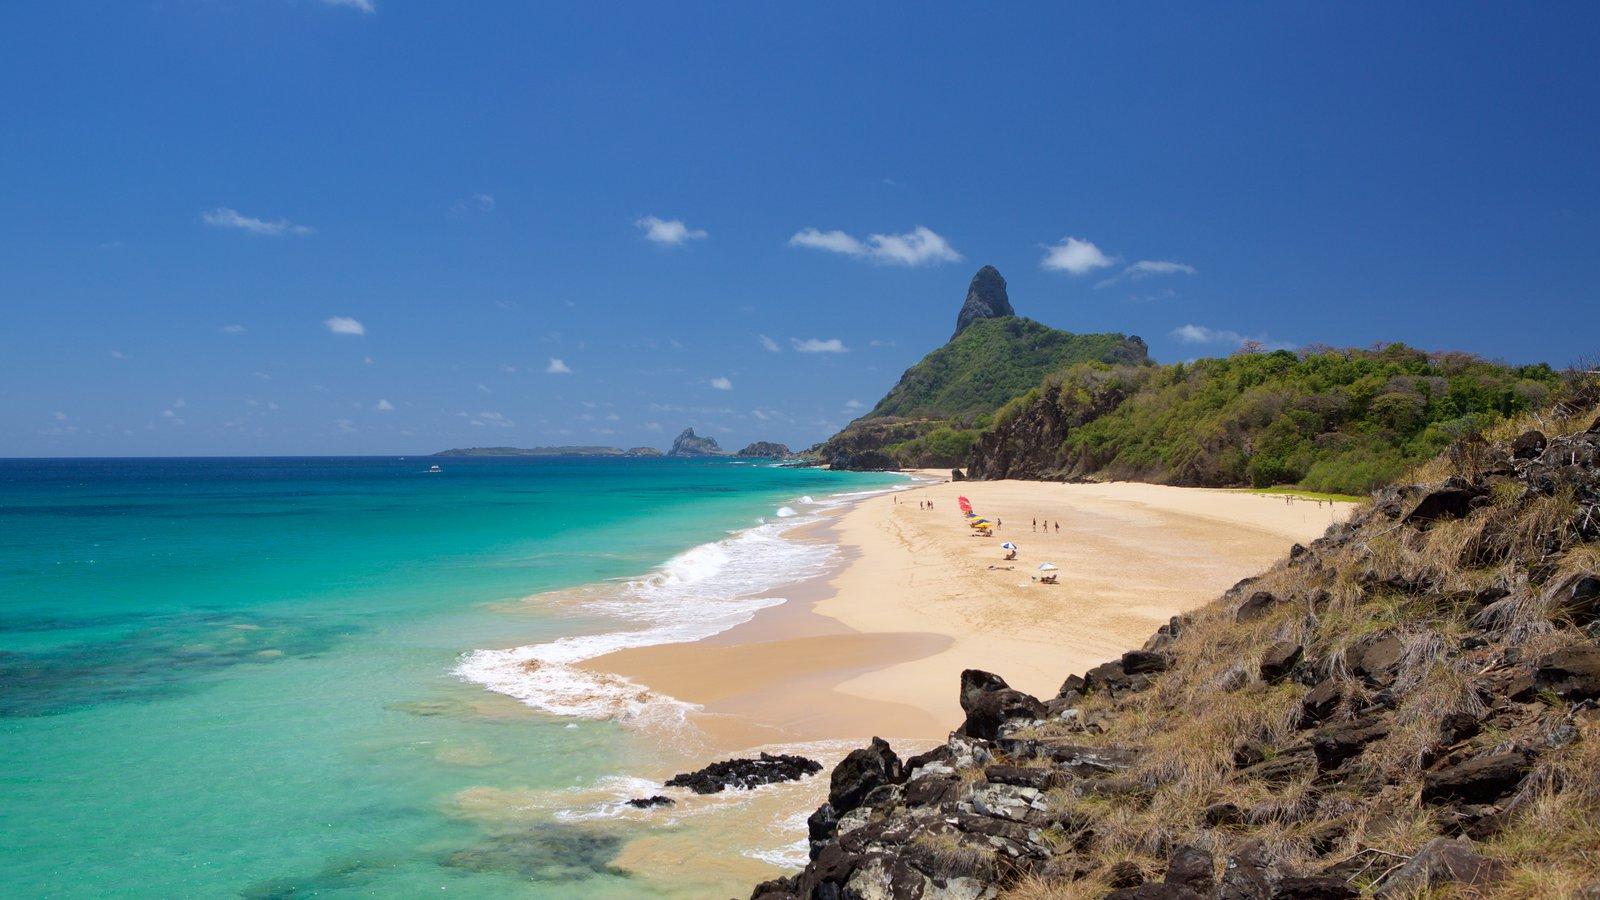 Praia Cacimba do Padre mostrando montanhas, uma praia de areia e paisagens litorâneas